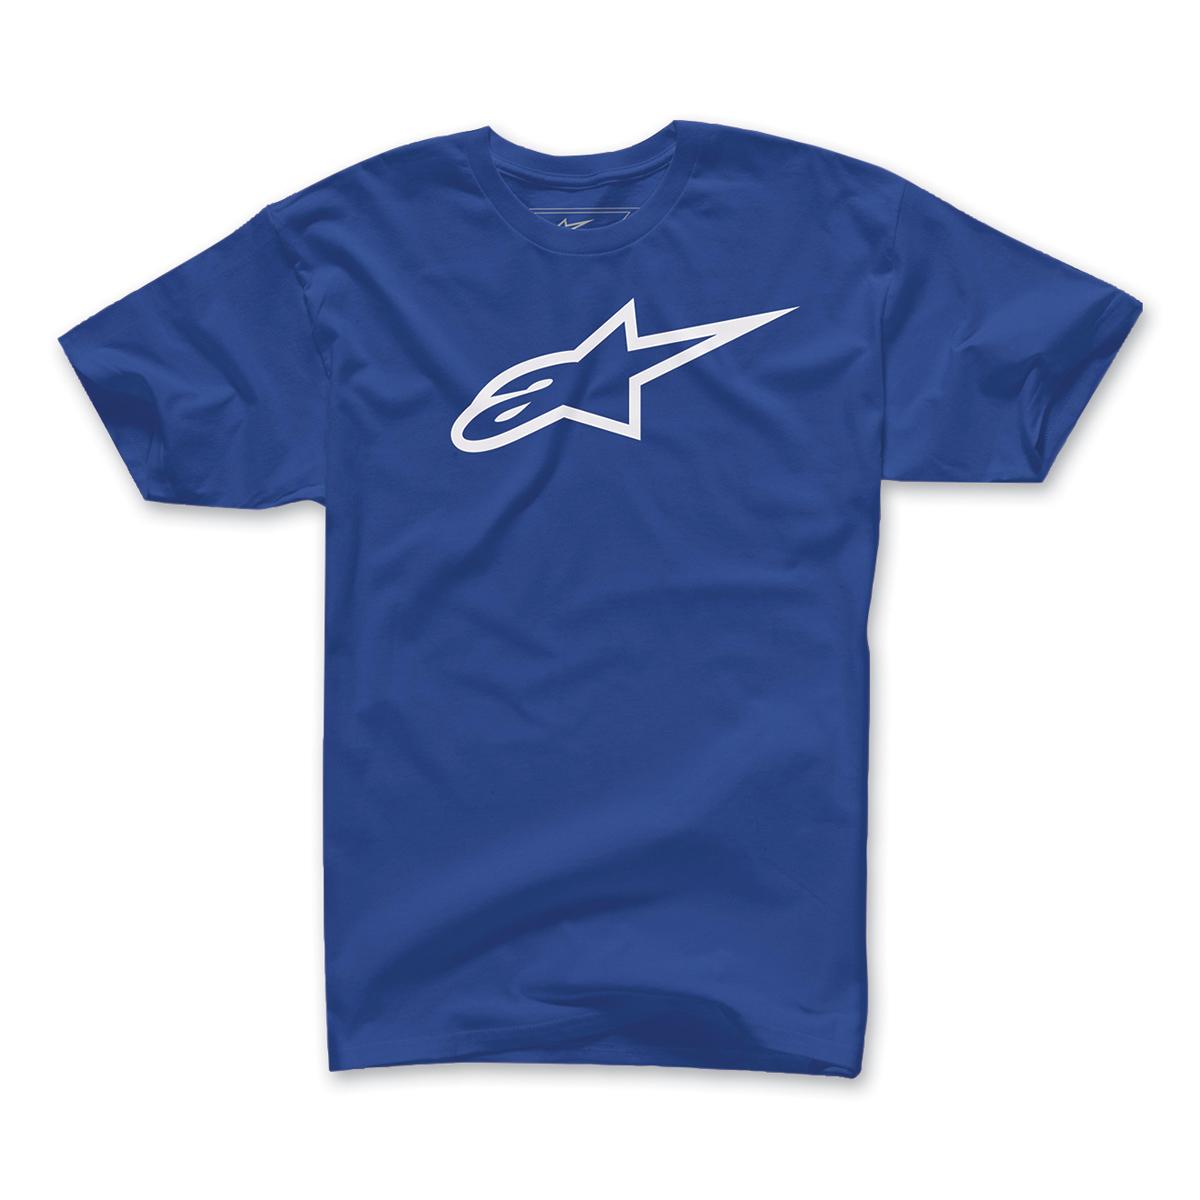 Alpinestars Men's Ageless Blue/White T-Shirt